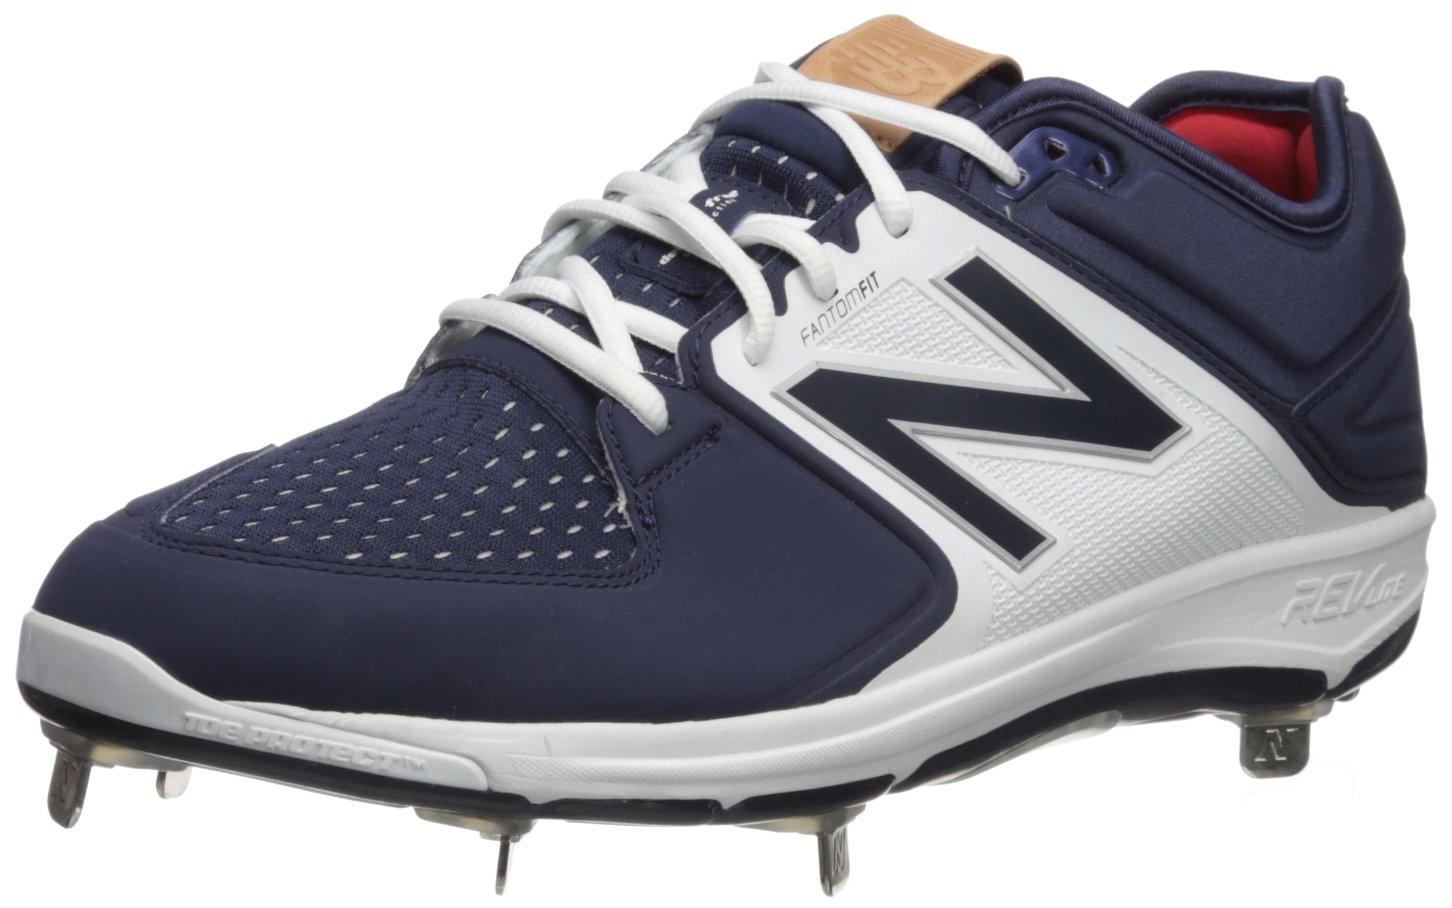 (ニューバランス) New Balance メンズ L3000v3 野球スパイクシューズ B019EEOG6Q 11 D(M) US|ネイビー/ホワイト ネイビー/ホワイト 11 D(M) US